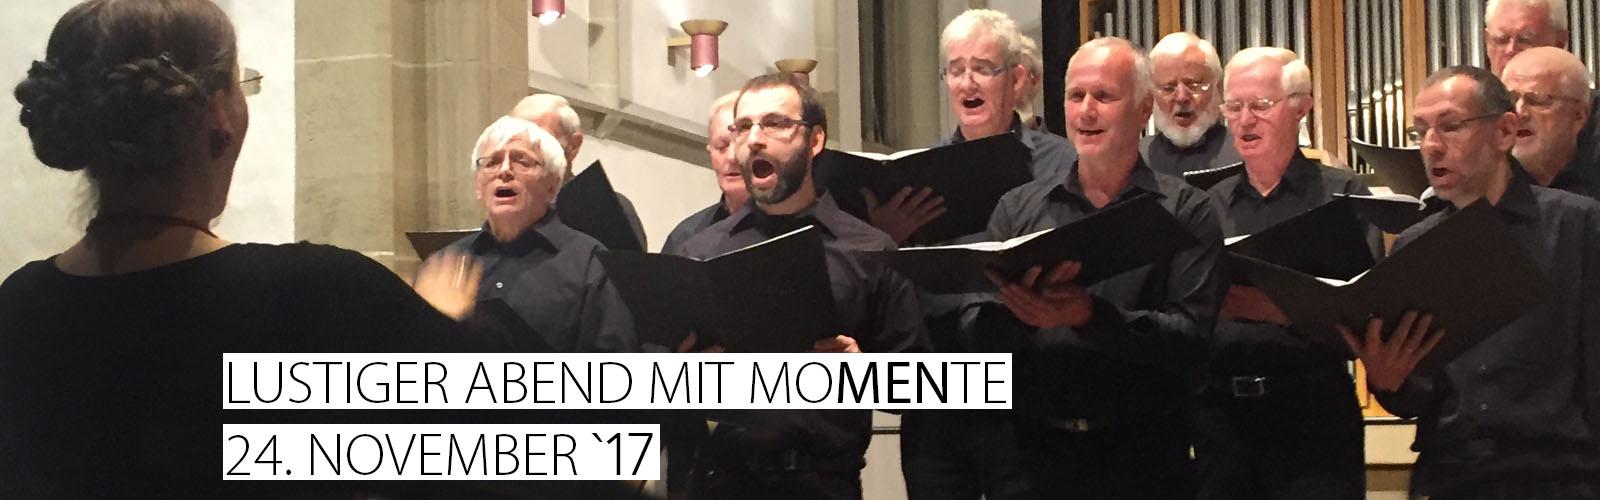 Der Männerchor moMENte lädt zu einem fröhlichen Liederabend ein.